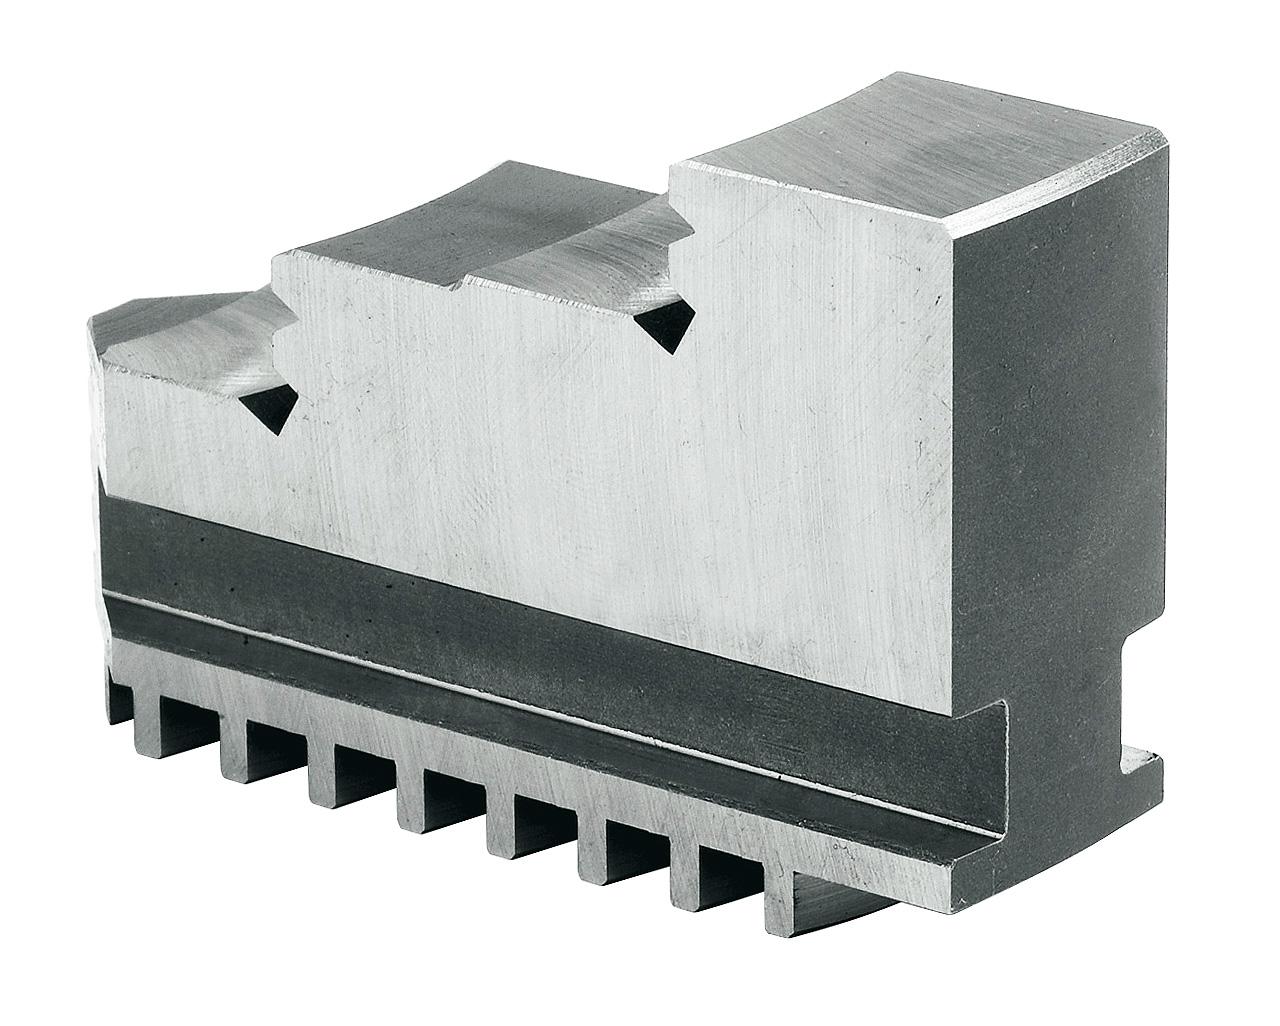 Szczęki jednolite twarde wewnętrzne - komplet IJ-PS3-160 BERNARDO